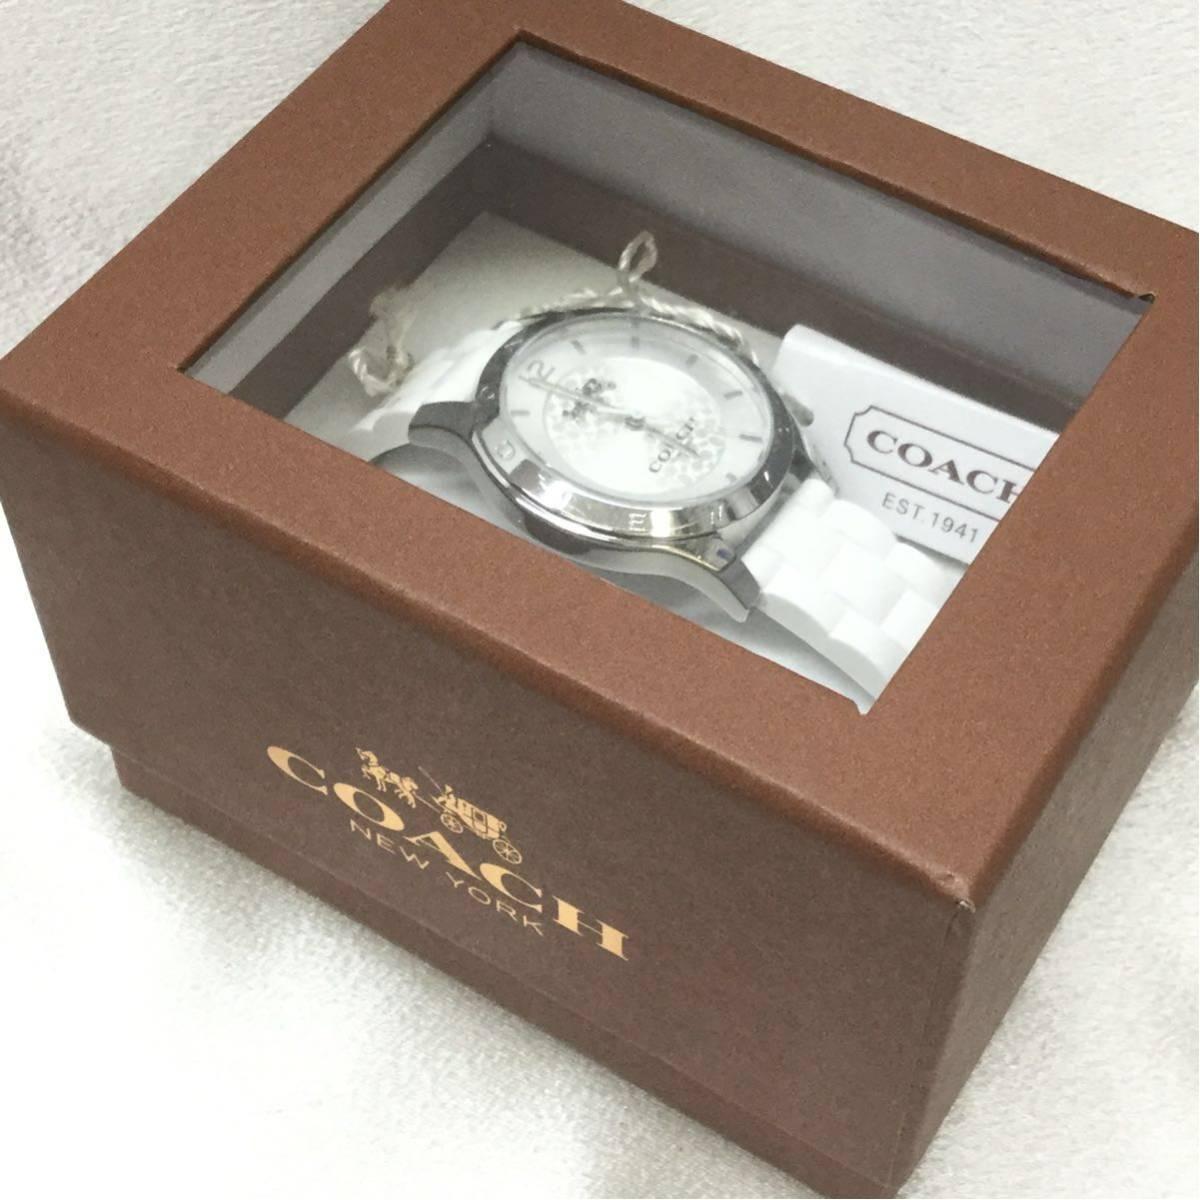 fd816bad62f8 COACH コーチ 腕時計 クォーツ シグネチャー 14502525 MADDY マディ レディース ウォッチ シルバー ホワイト 美品 正規品